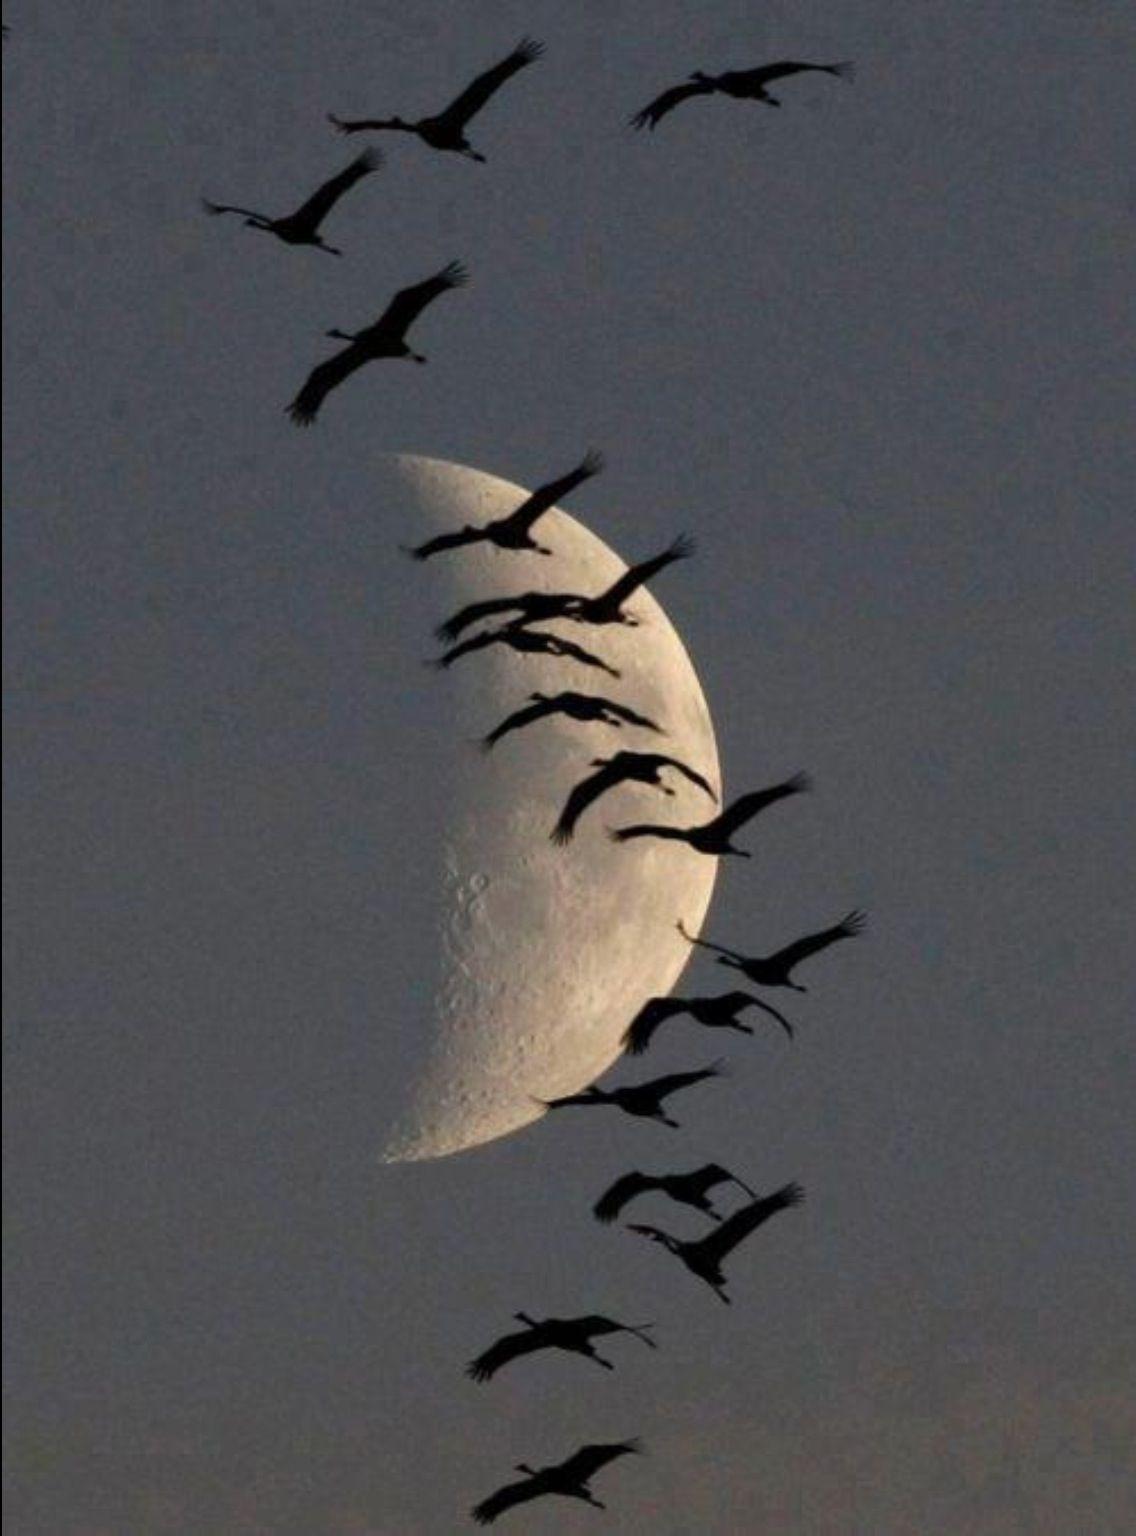 Migrating Cranes by Pawel Kopczinski